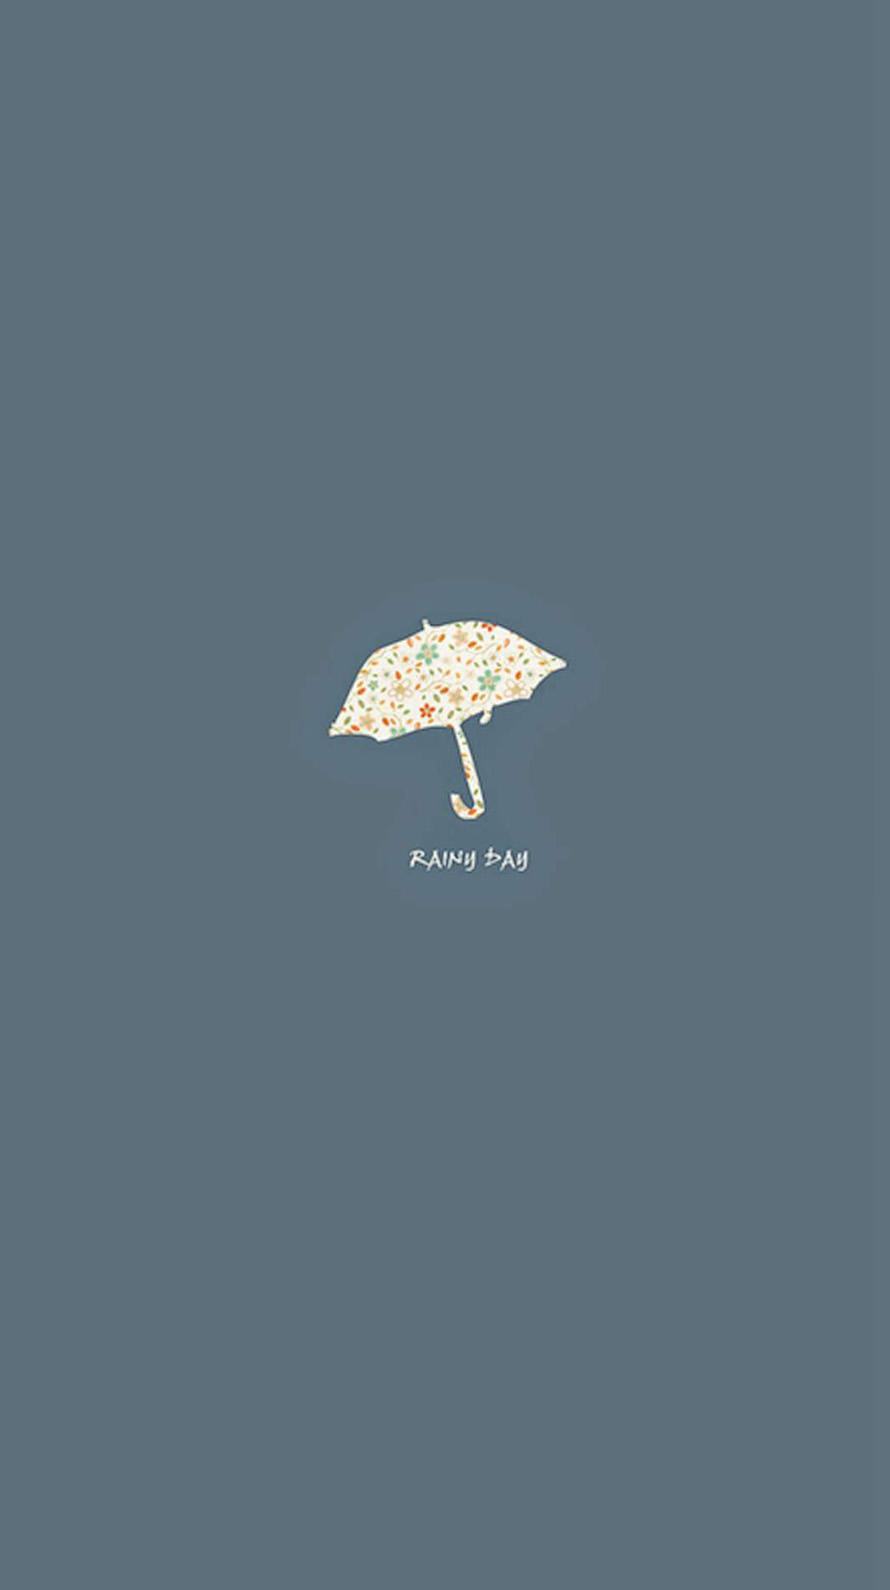 雨の日 Rainy Day iPhone6壁紙